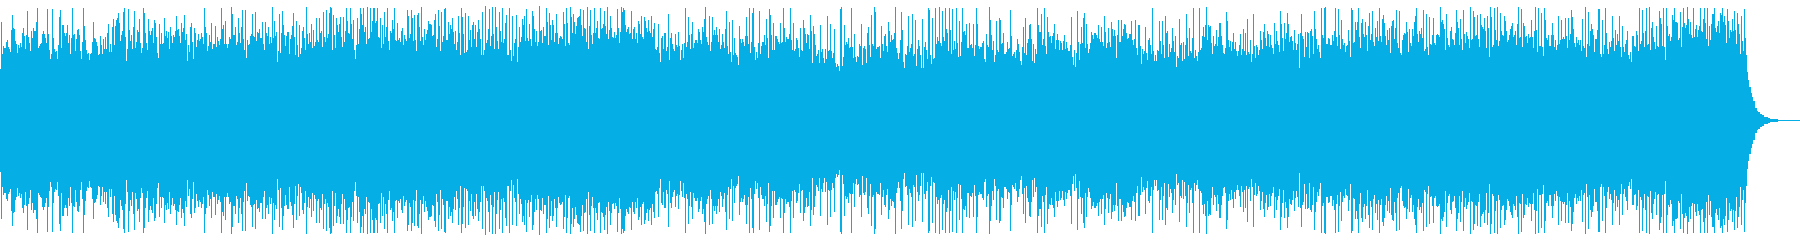 1分 メタル 戦闘 重厚 ショート版Bの再生済みの波形